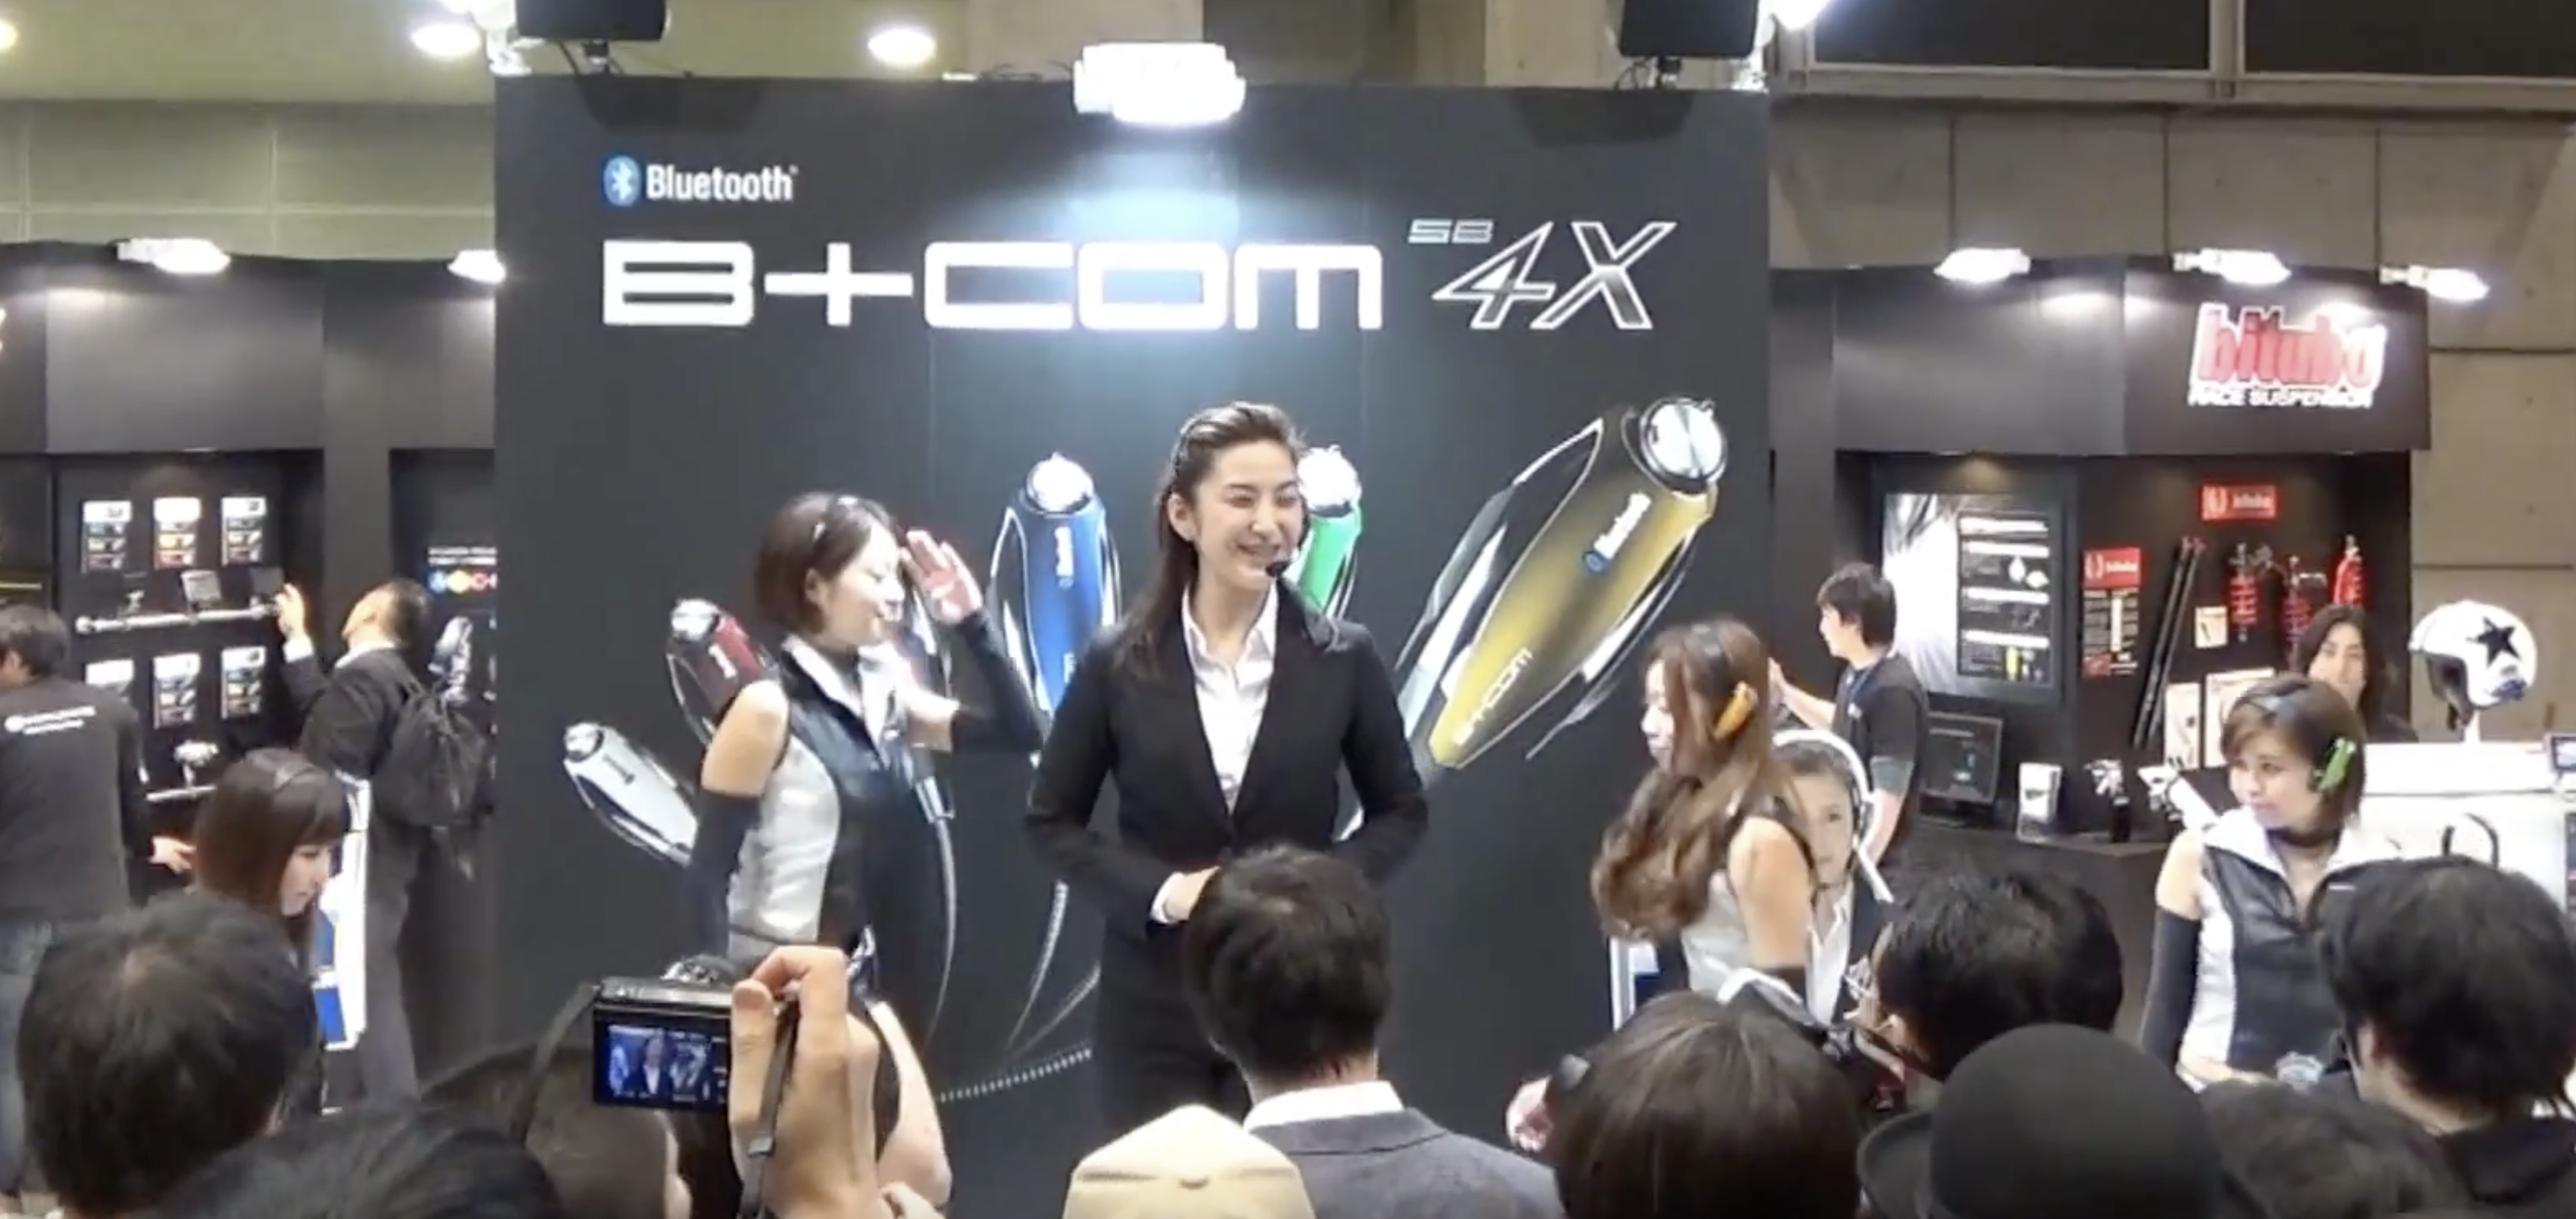 【東京モーターサイクルショー2014】ショーイベント動画アップしました